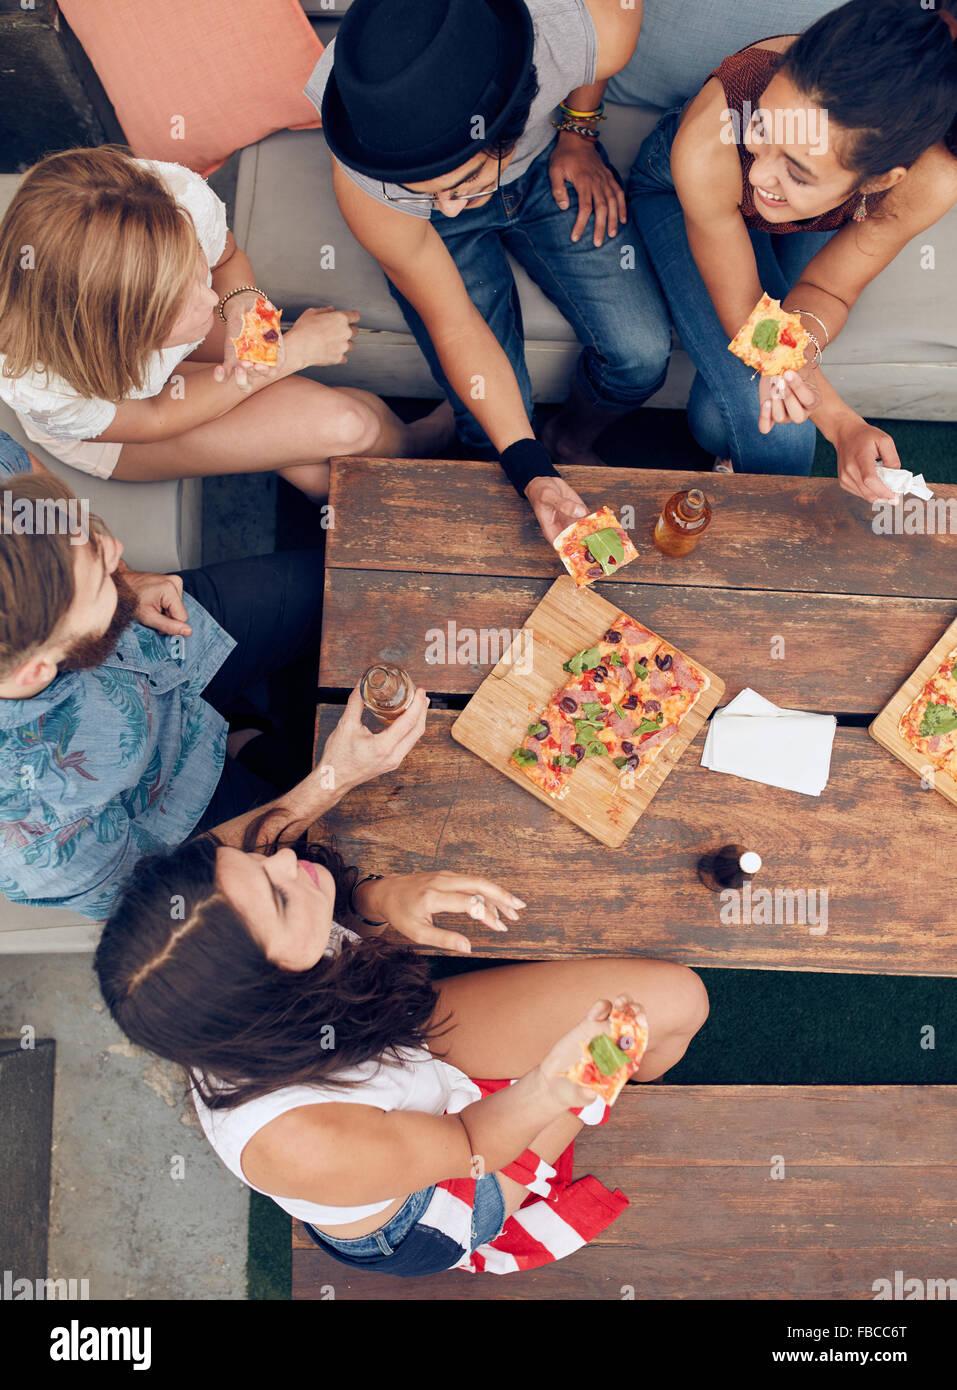 Vue de dessus du groupe de jeunes ayant des boissons et une pizza à la partie. Société multiraciale Photo Stock